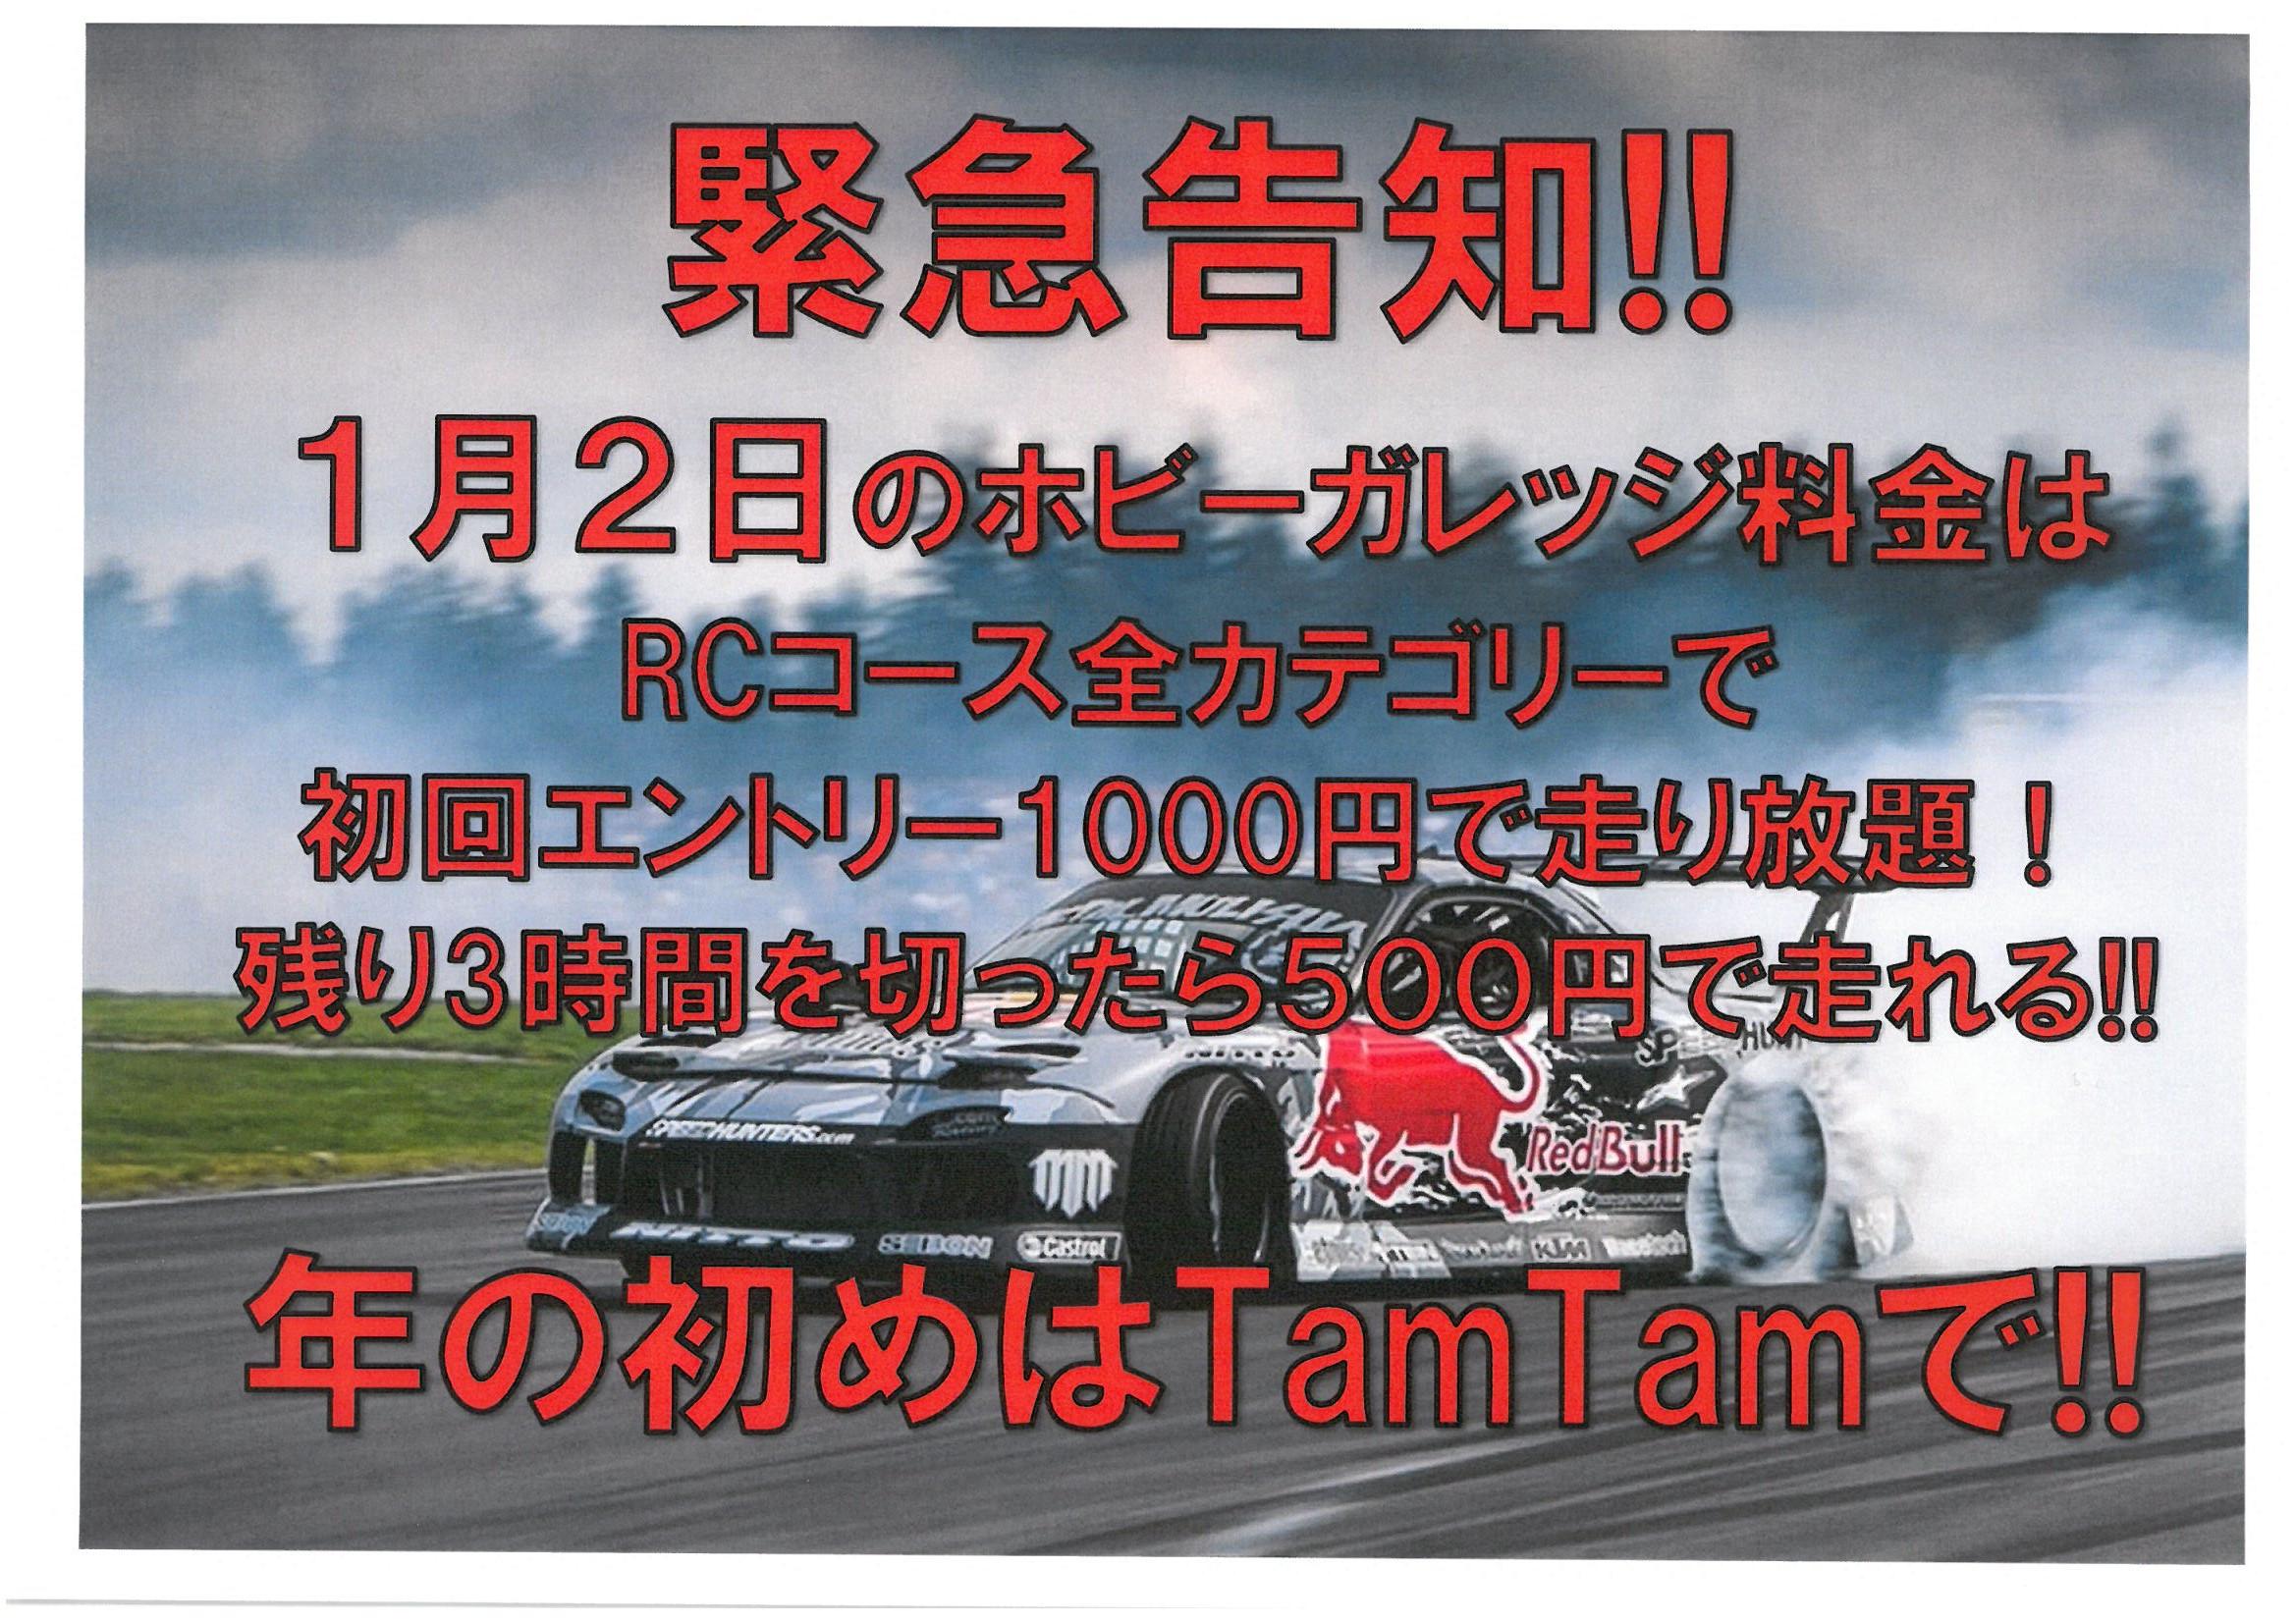 タム・タム仙台店ホビーガレッジ 2016年1月2日 特別料金のお知らせ